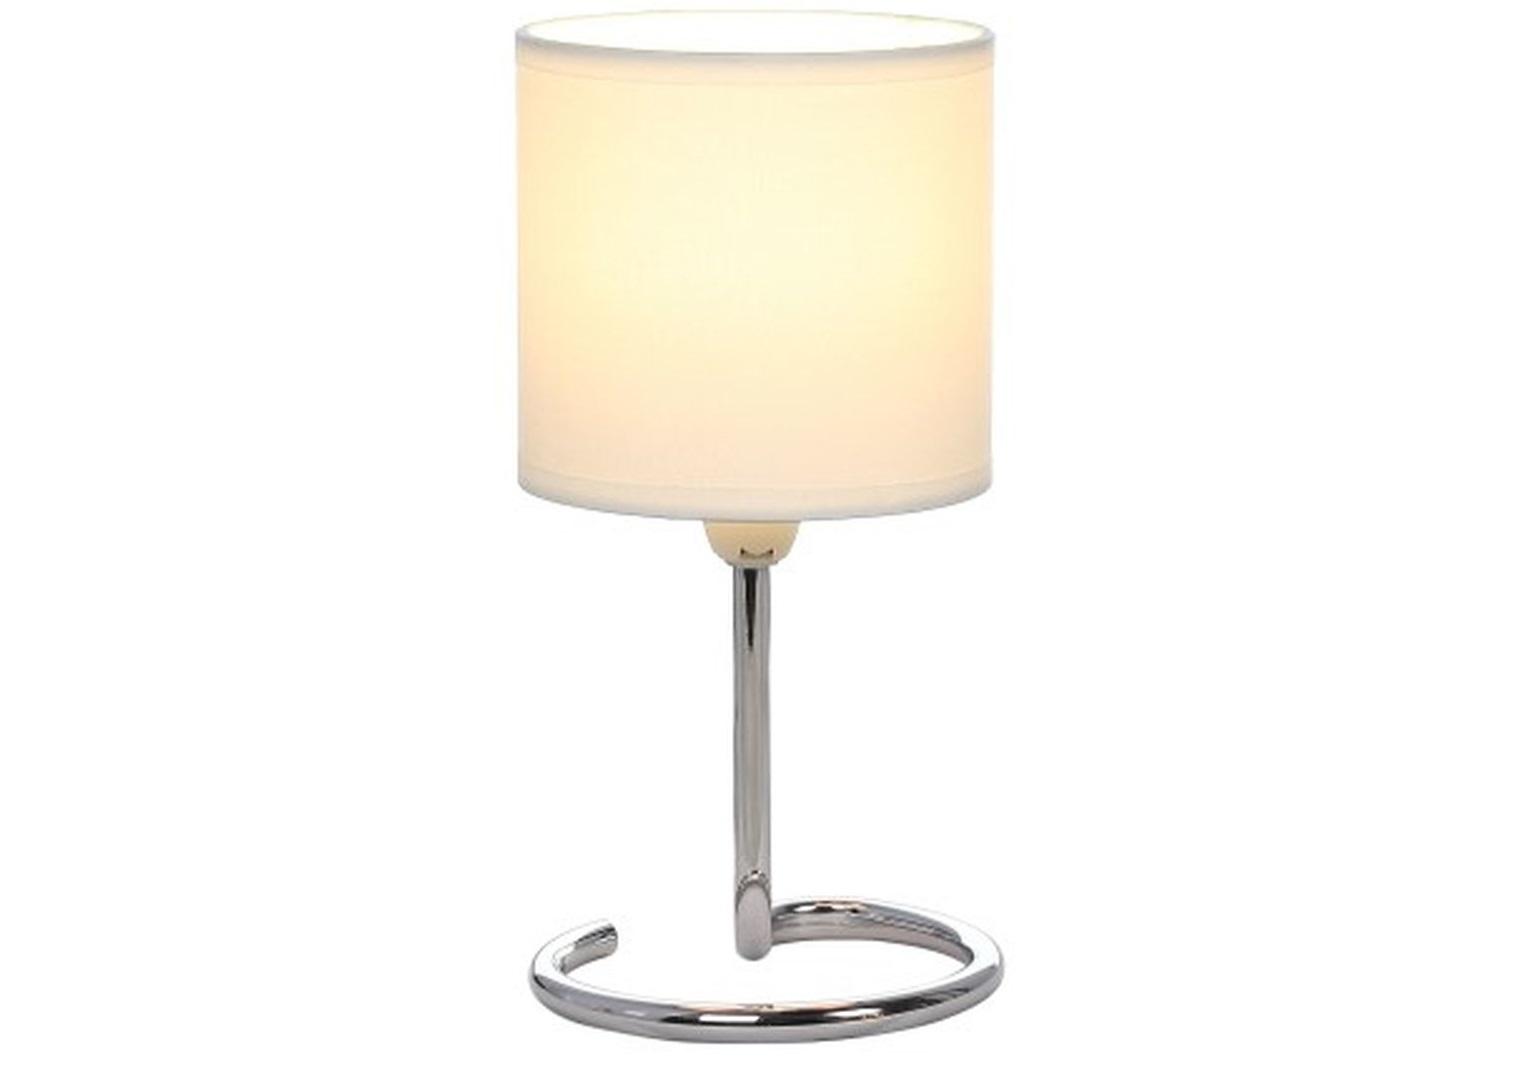 Настольная лампаДекоративные лампы<br>&amp;lt;div&amp;gt;Вид цоколя: E14&amp;lt;/div&amp;gt;&amp;lt;div&amp;gt;Мощность: 40W&amp;lt;/div&amp;gt;&amp;lt;div&amp;gt;Количество ламп: 1&amp;lt;/div&amp;gt;<br><br>Material: Металл<br>Height см: 25<br>Diameter см: 12